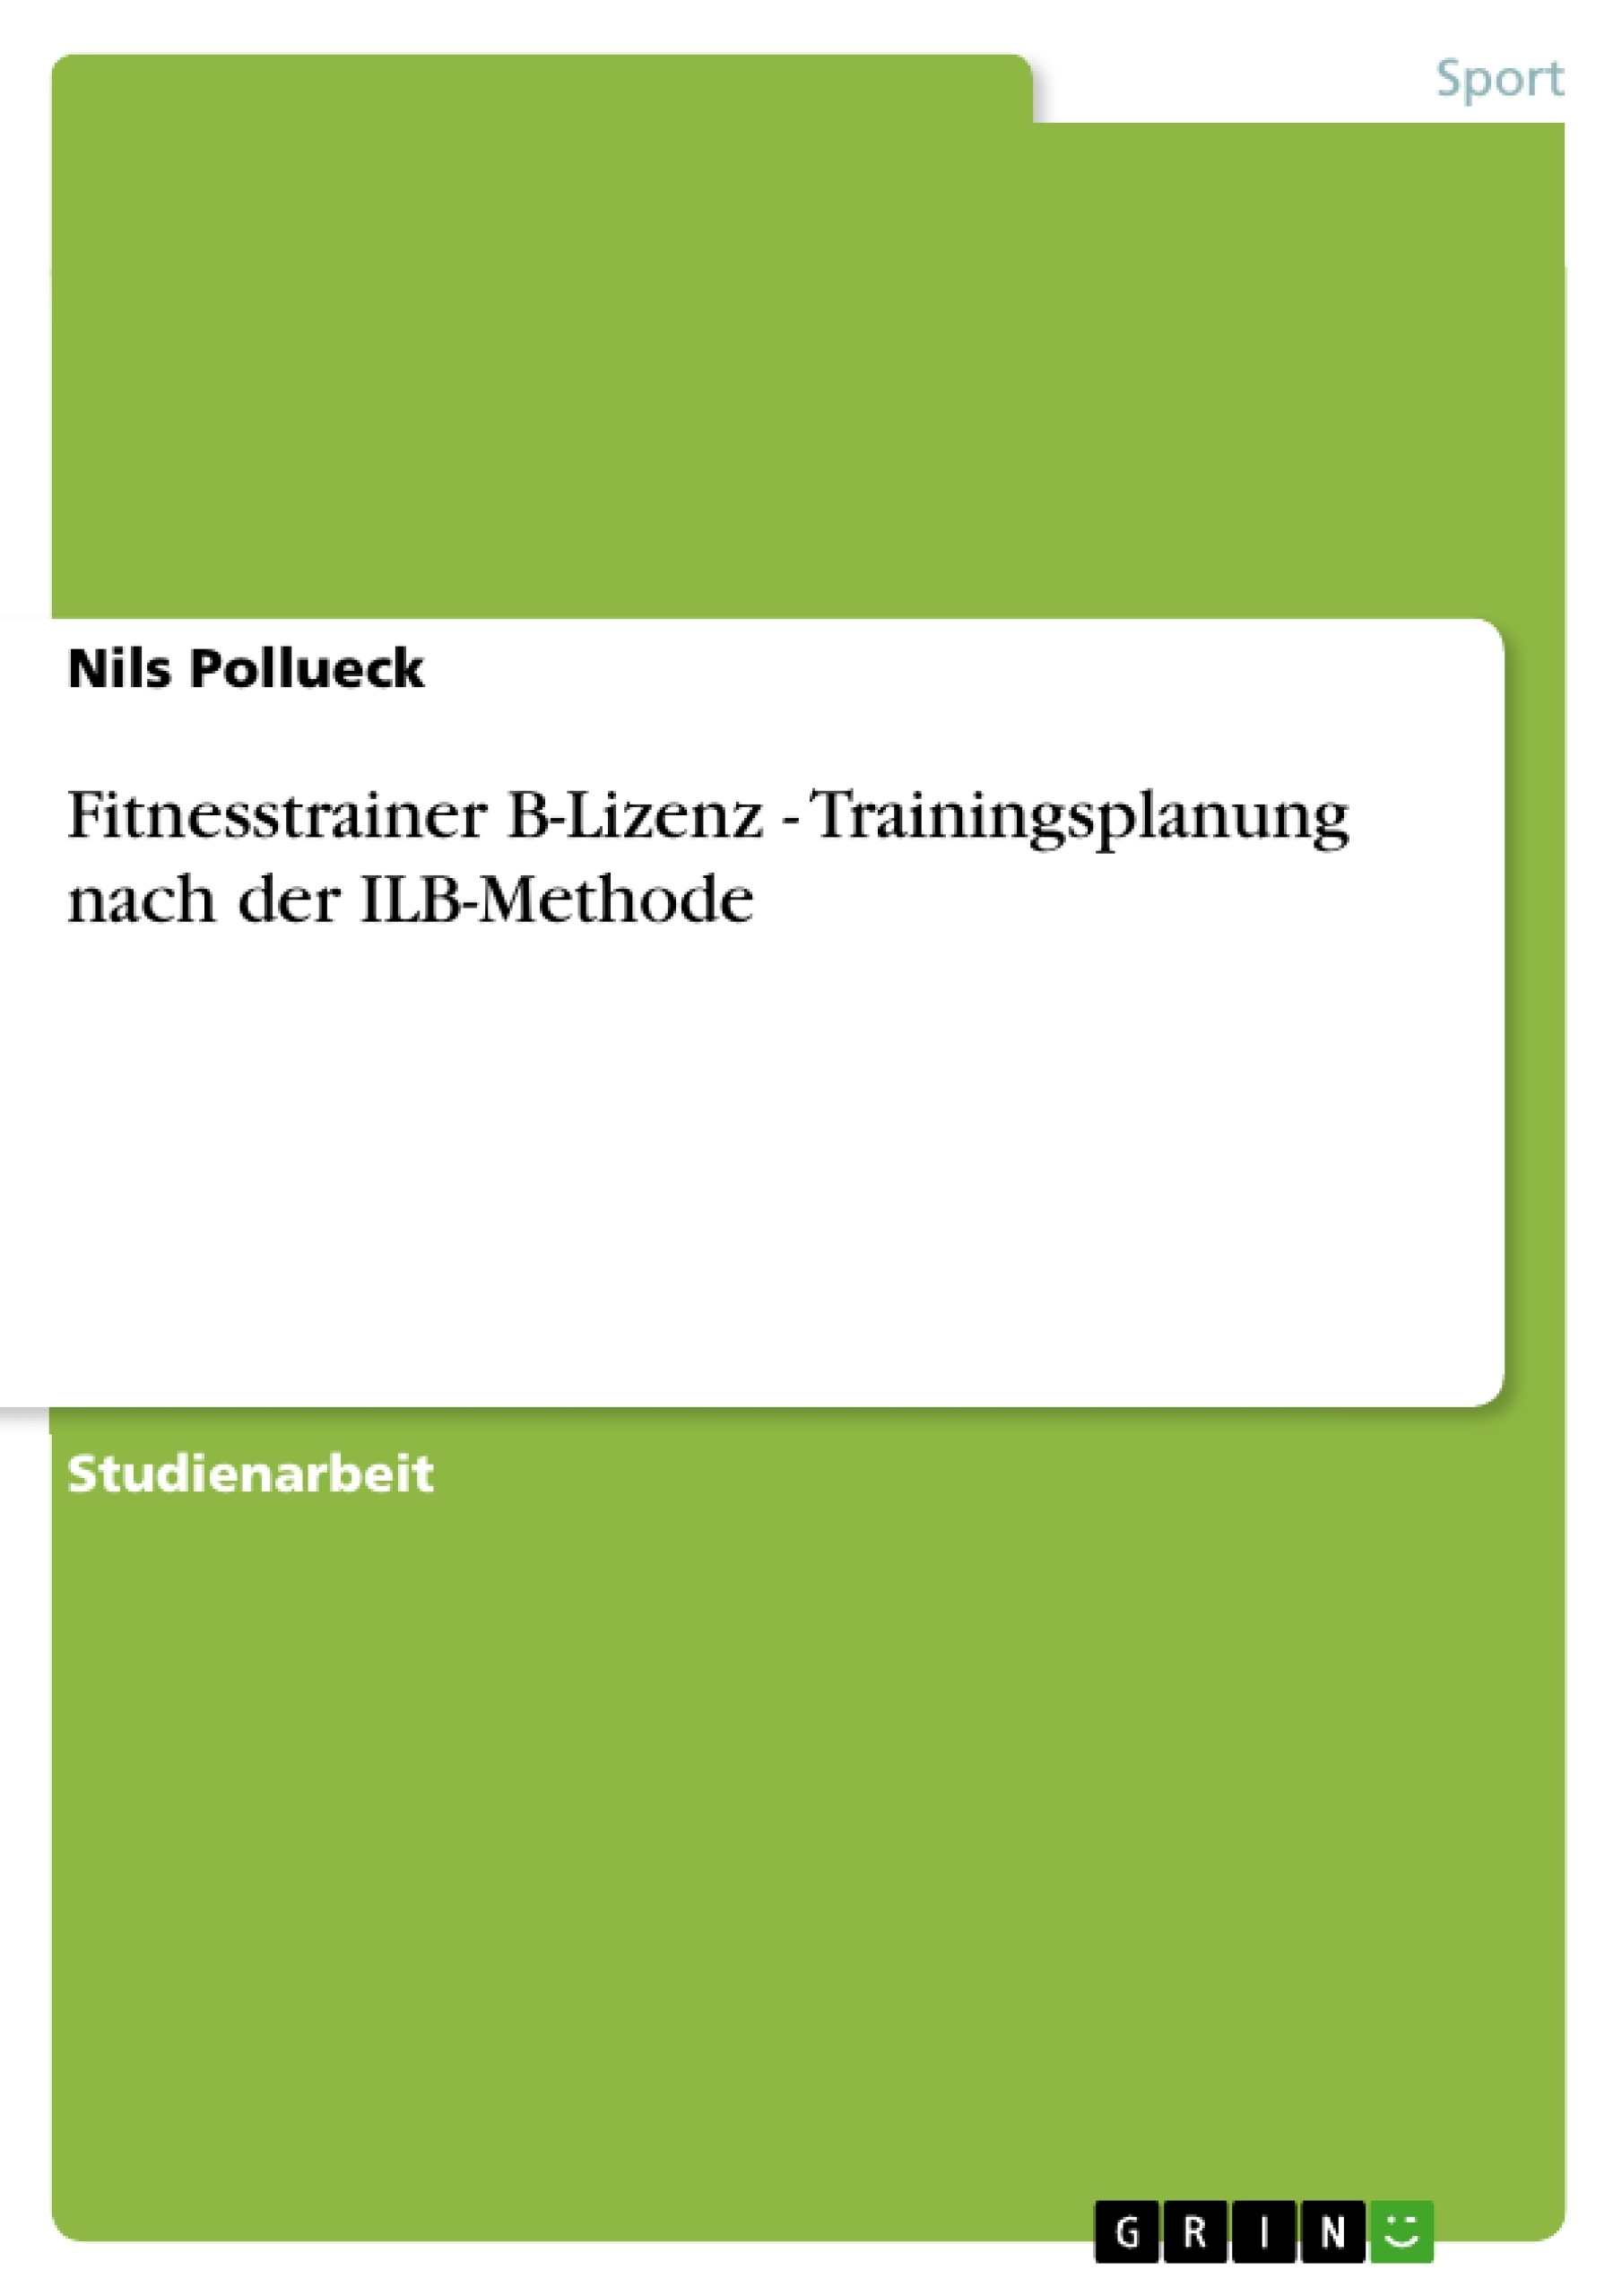 Titel: Fitnesstrainer B-Lizenz - Trainingsplanung nach der ILB-Methode